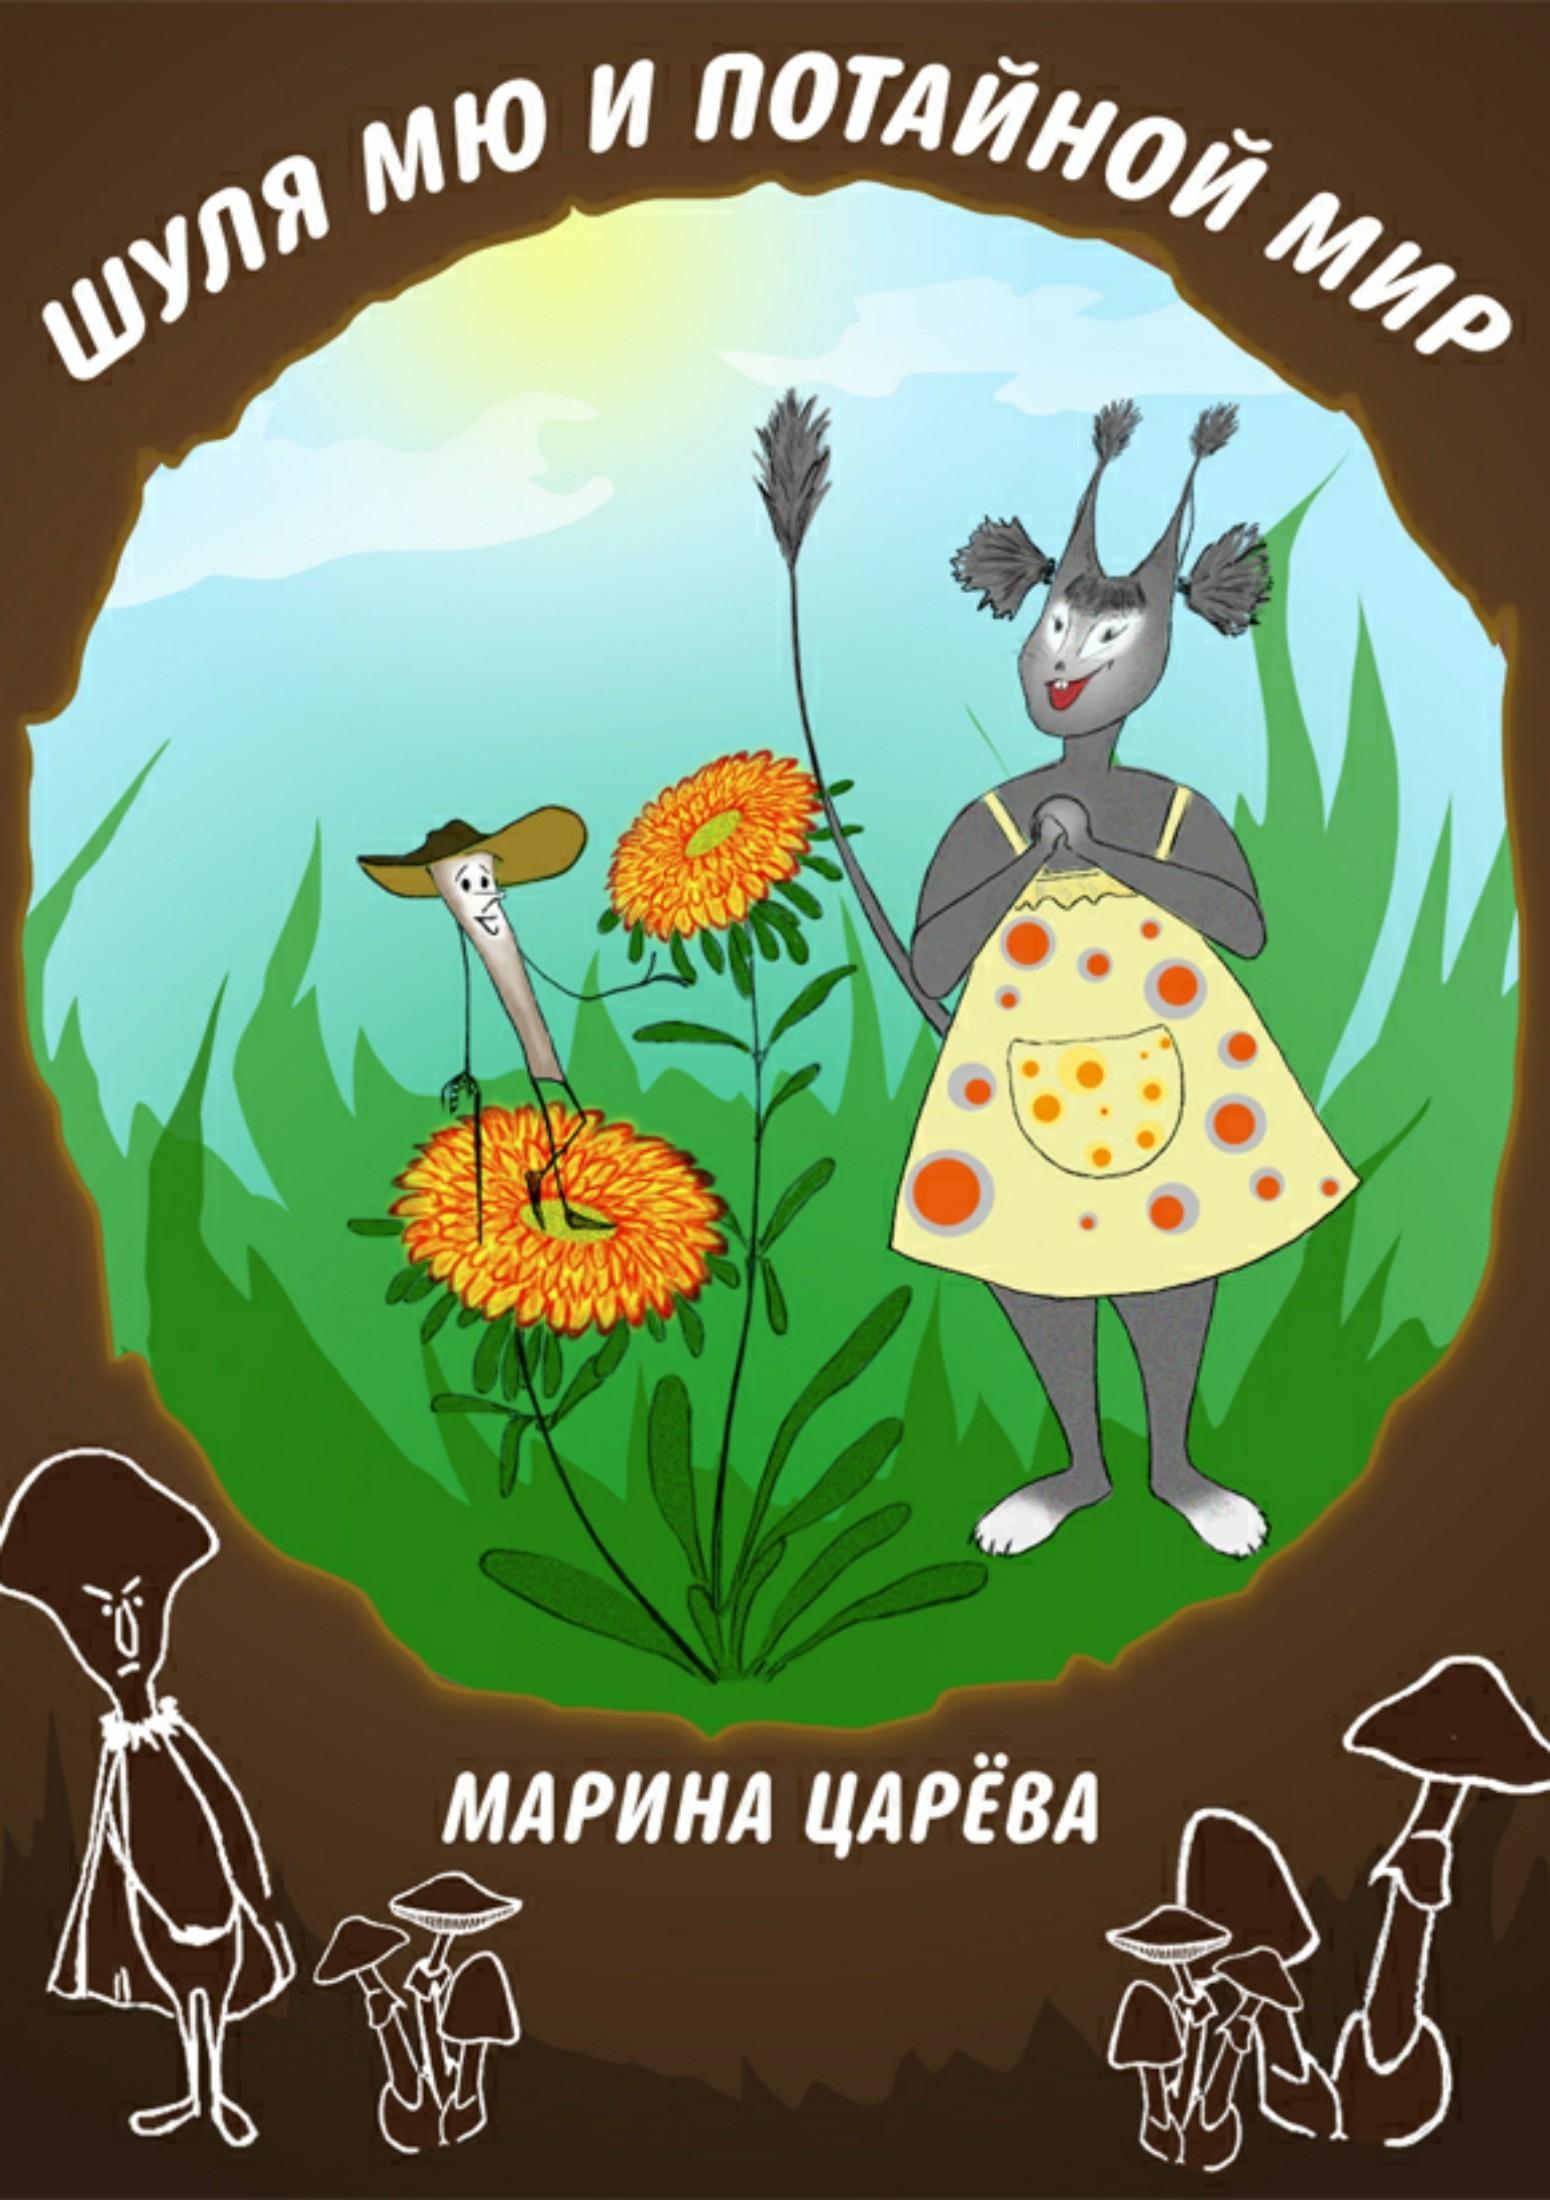 Марина Викторовна Царёва Шуля Мю и потайной мир марина викторовна царёва шуля мю и потайной мир